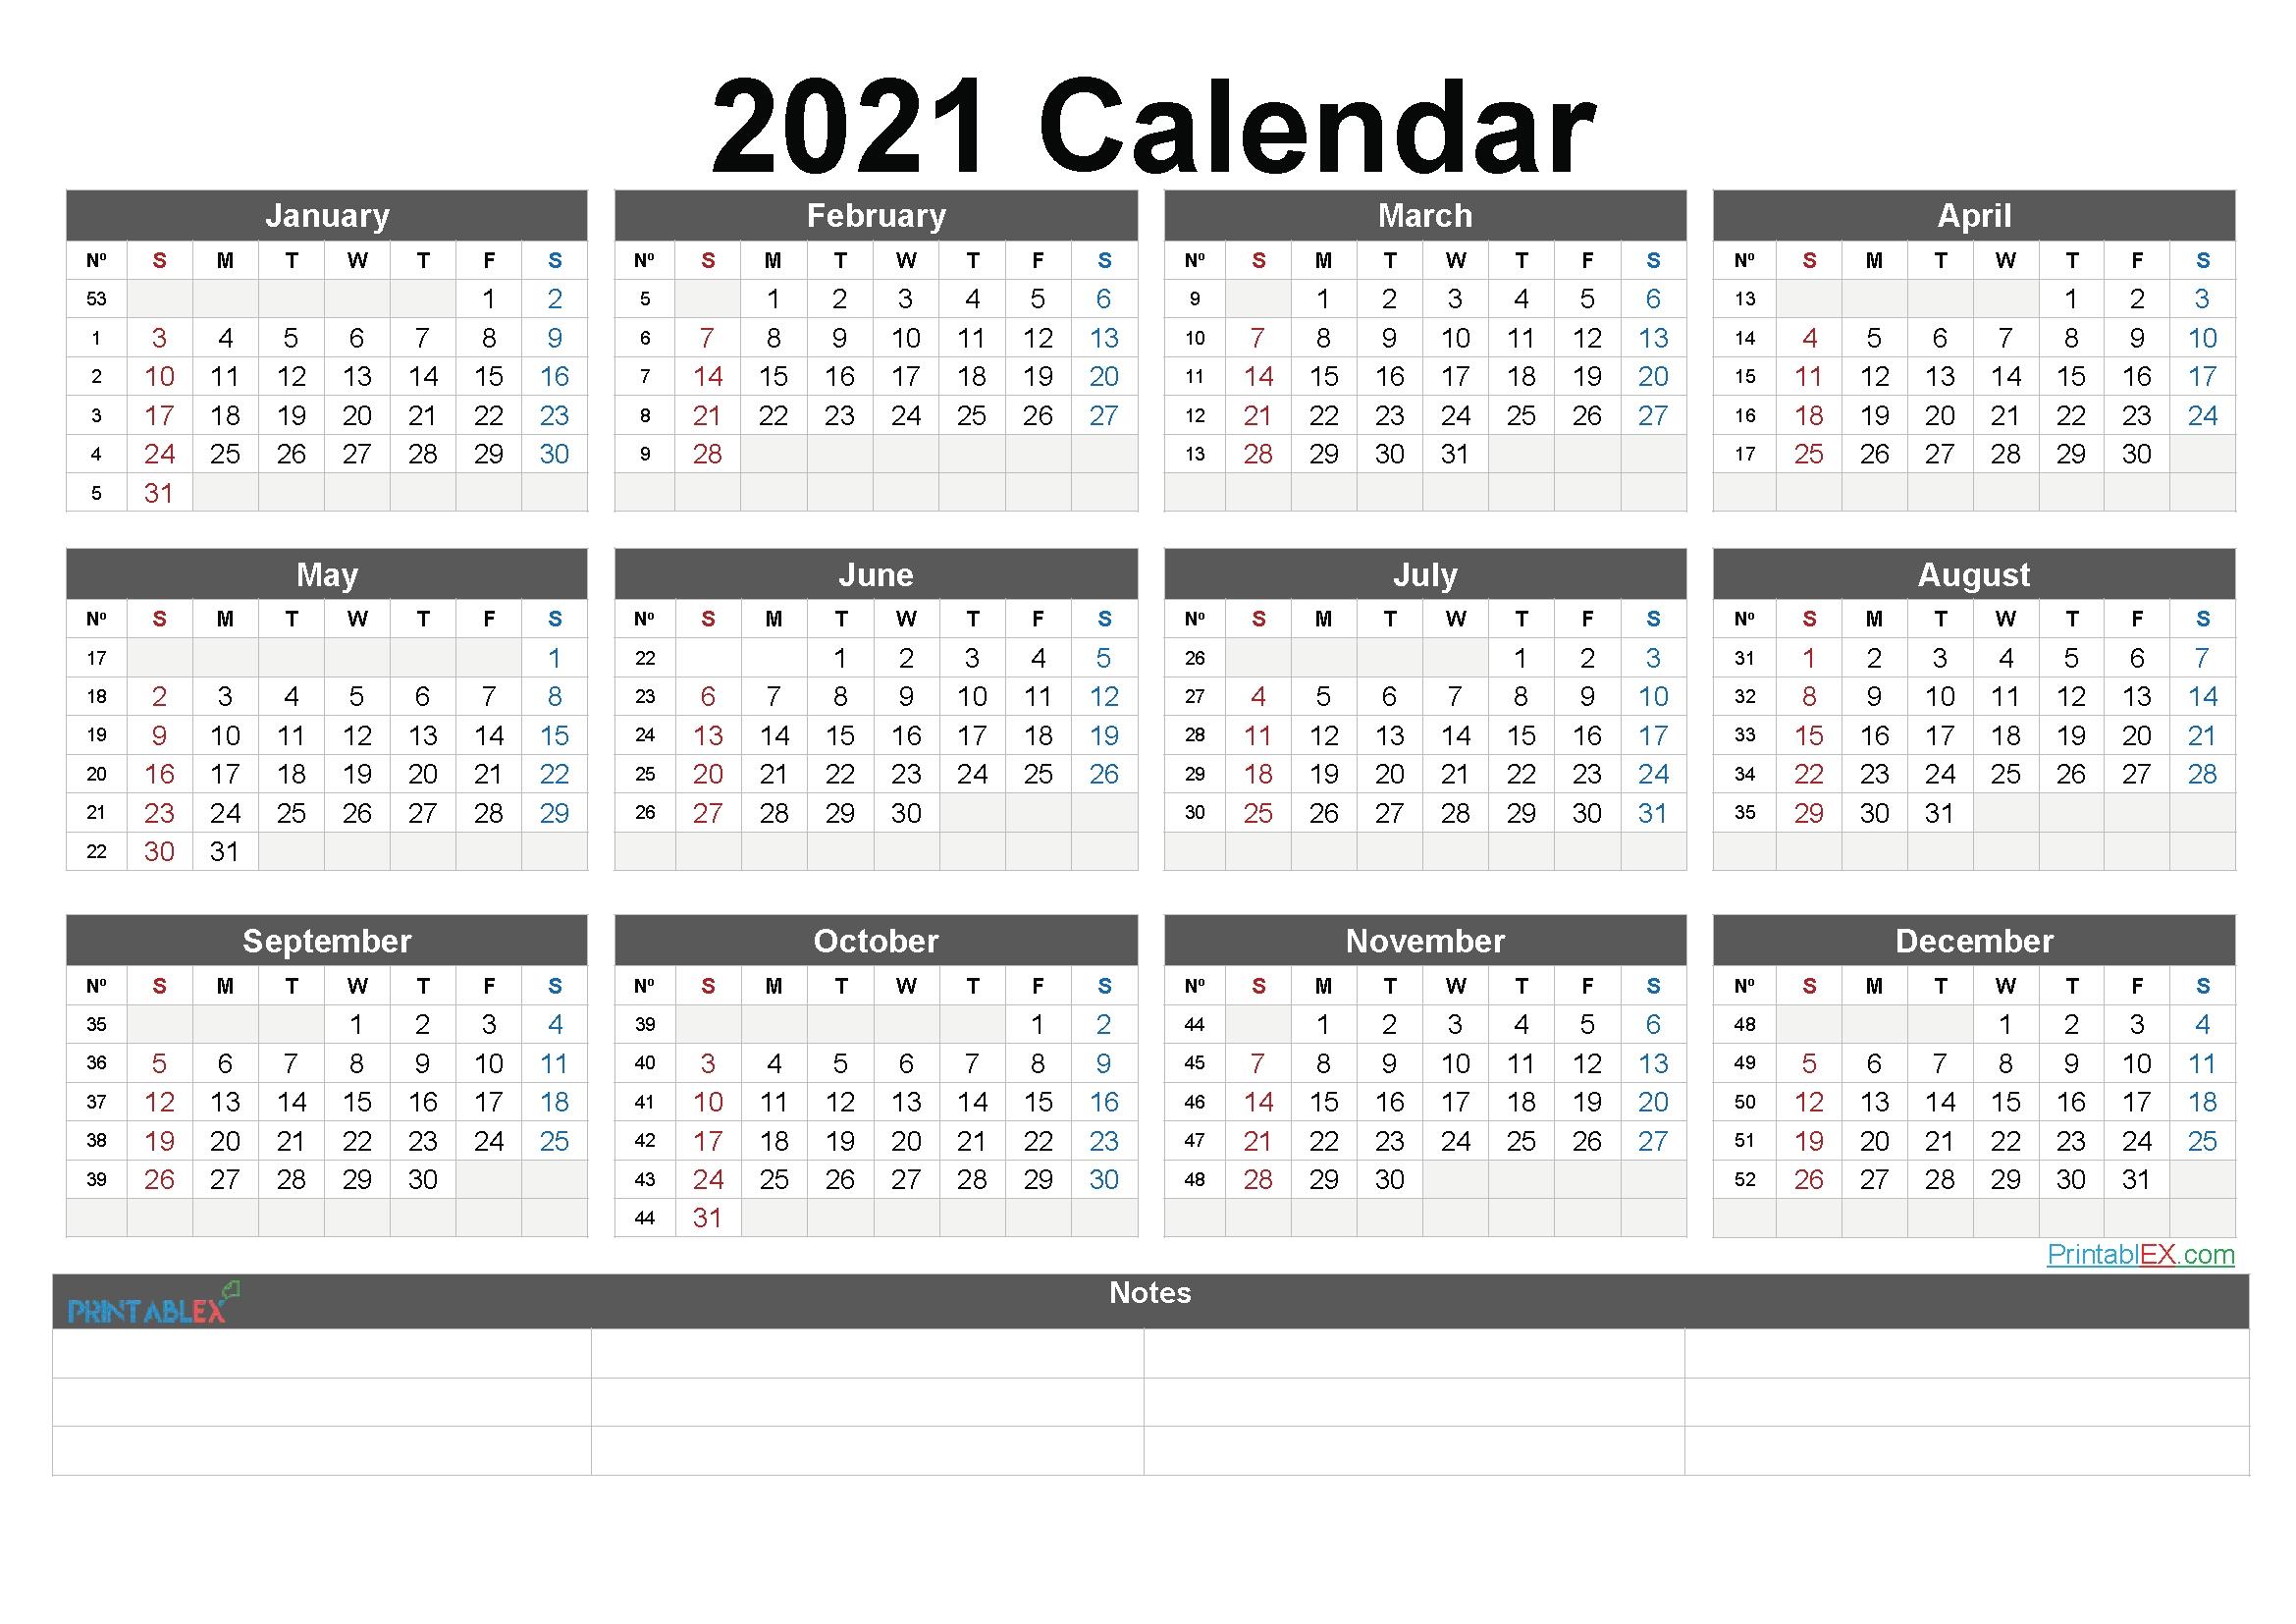 2021 Calendar With Week Numbers Philippines | Free Printable Calendar